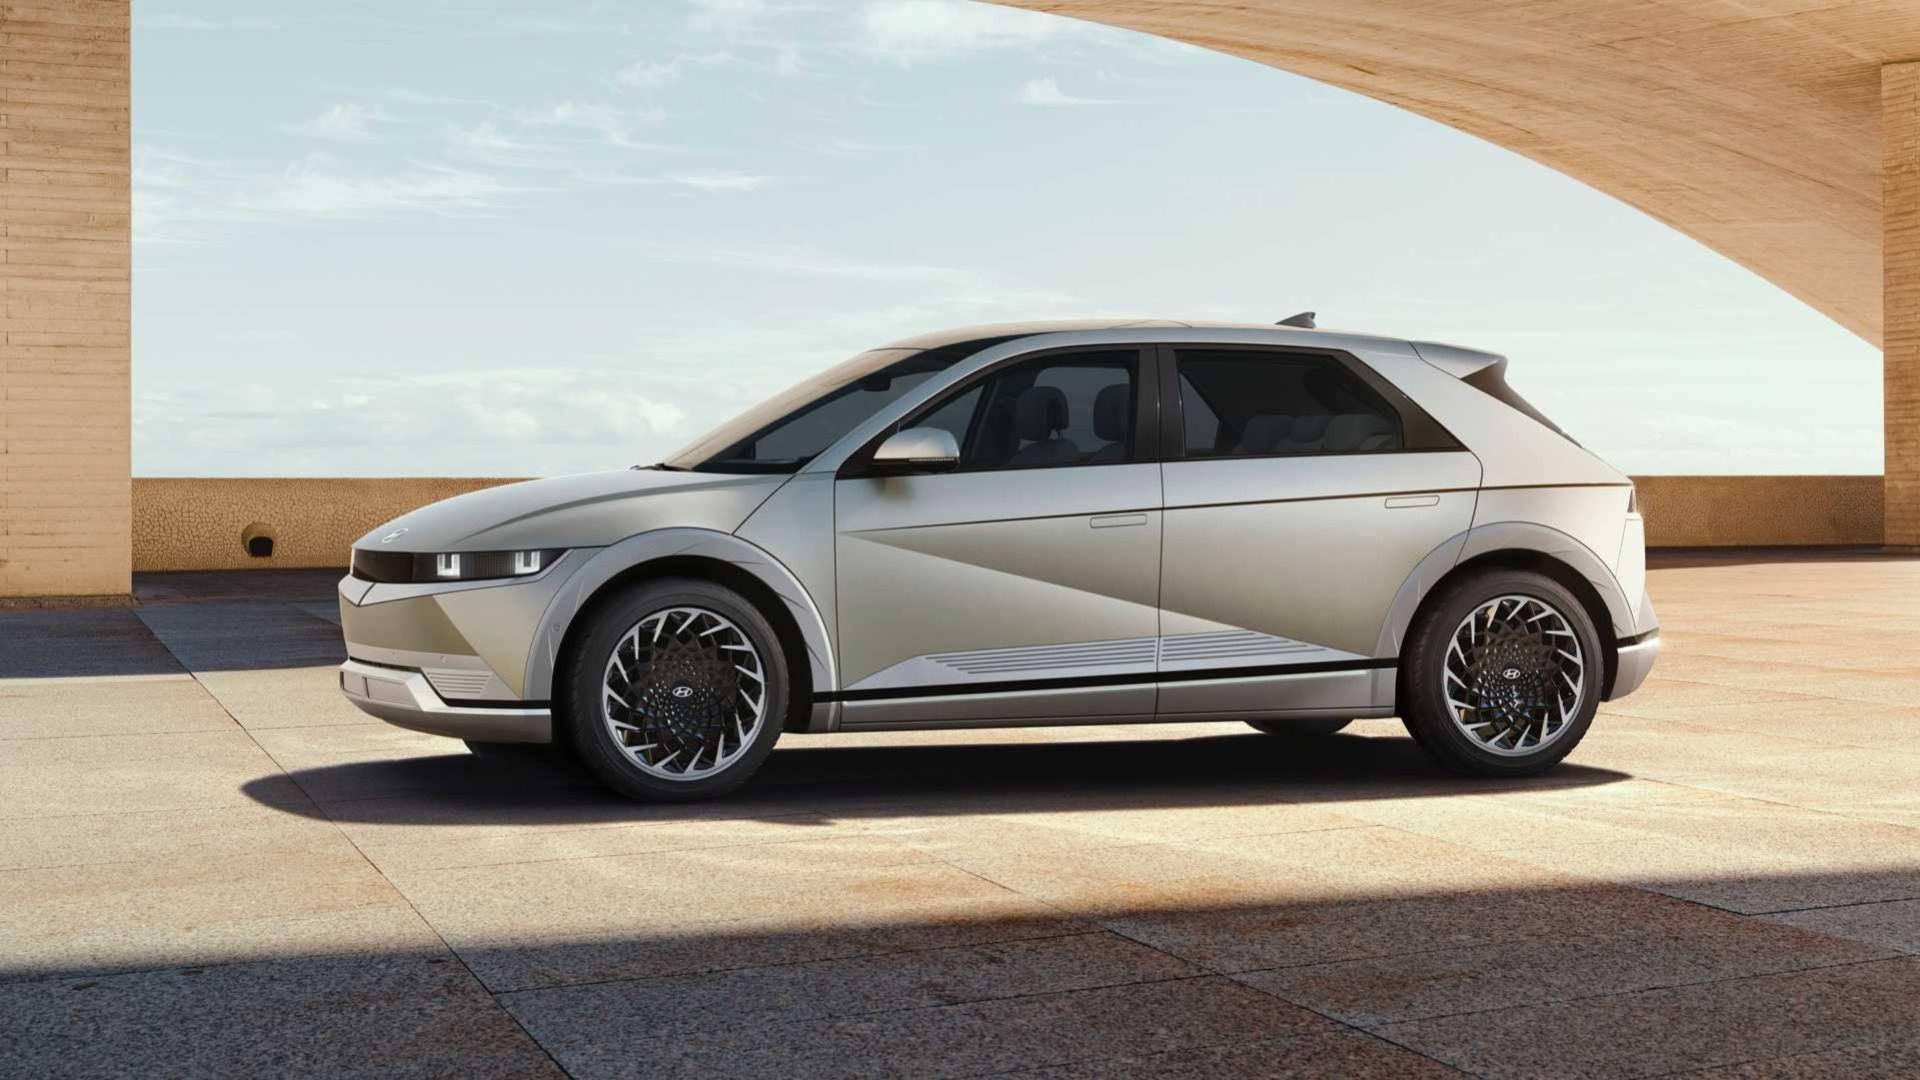 Nu är den här - Hyundais eldrivna retrotuffing Ioniq 5